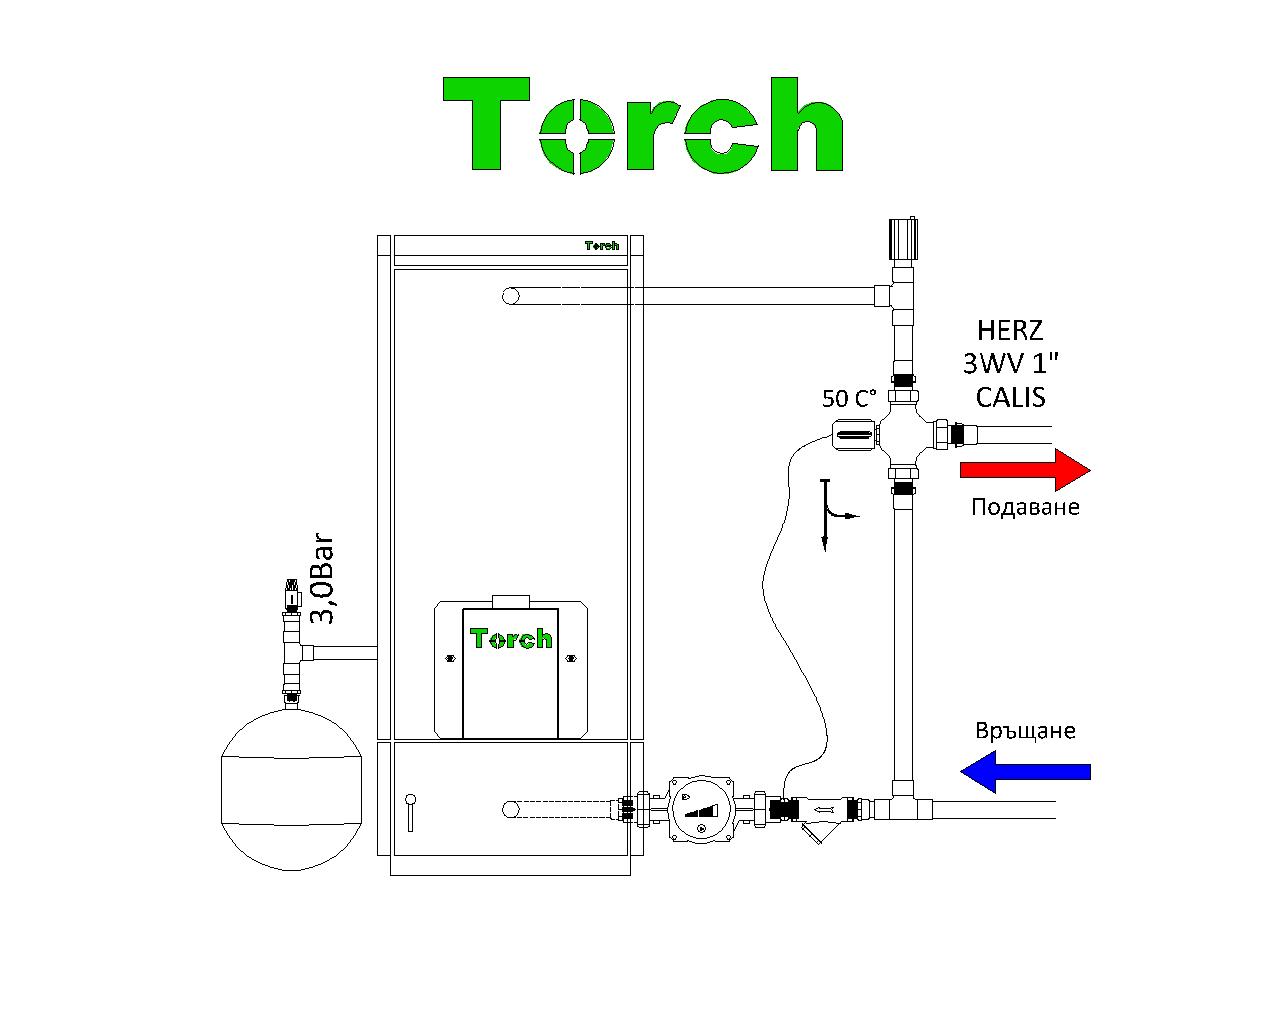 Схема на свързване на пелетен котел Torch II - тип 2